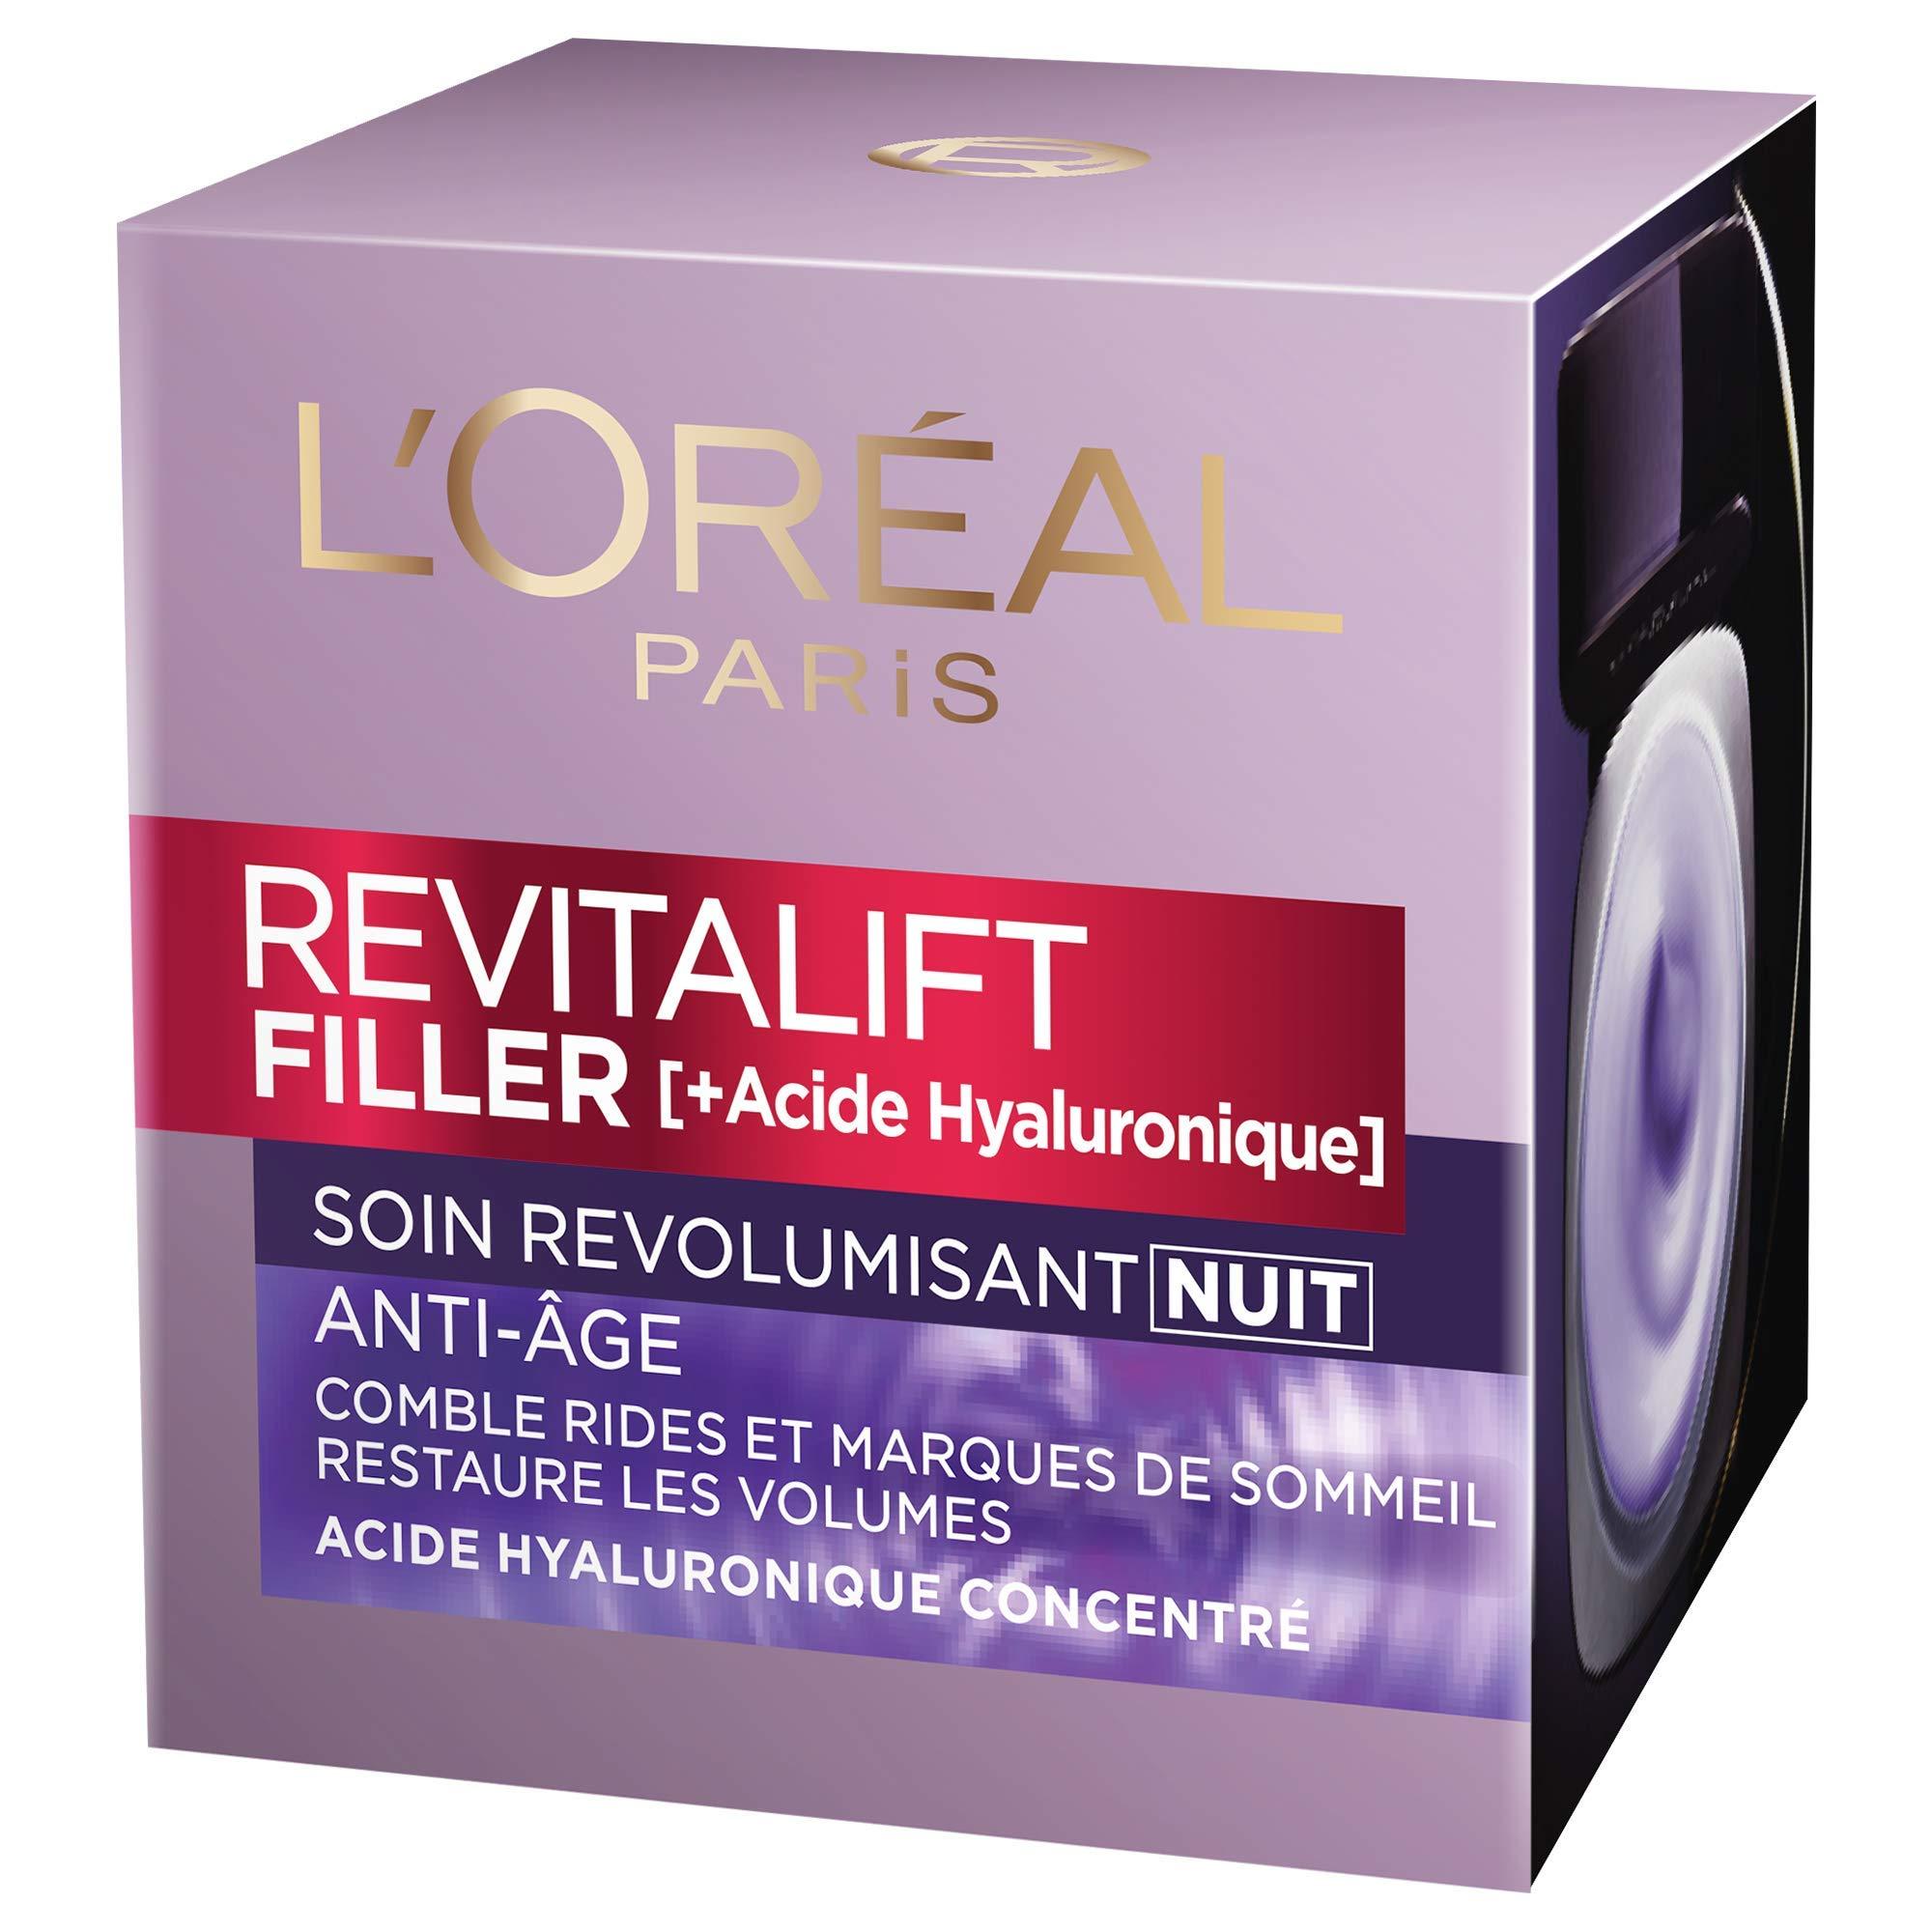 L'Oréal Paris Soin anti-âge Revitalift Filler revolumisant nuit – le pot de 50ml